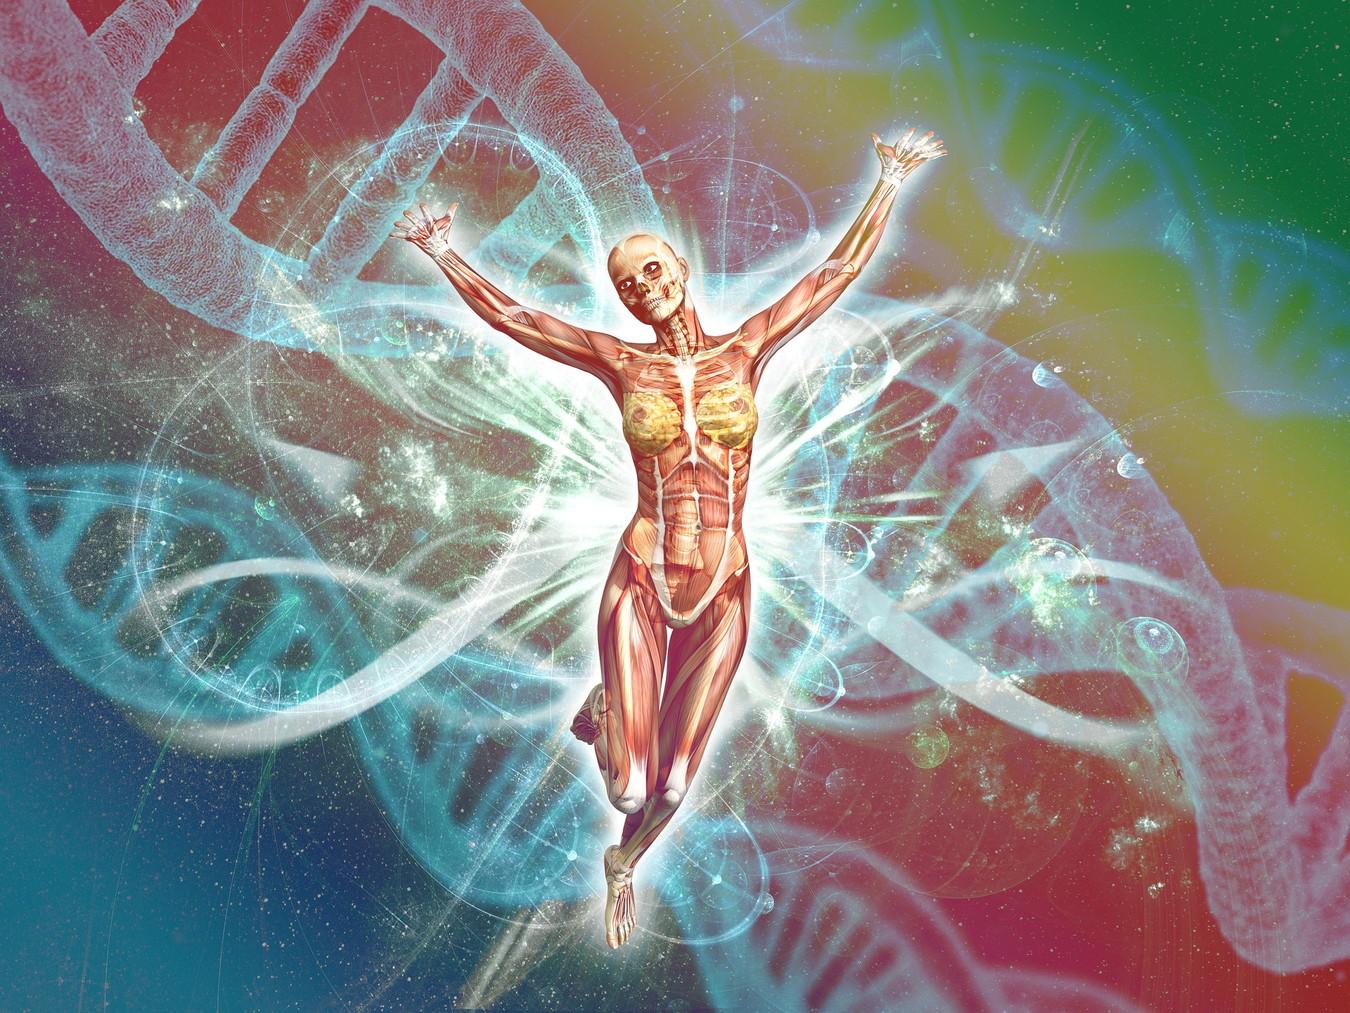 【書評】細胞の中の分子生物学[細胞内で働く巧妙なメカニズム]